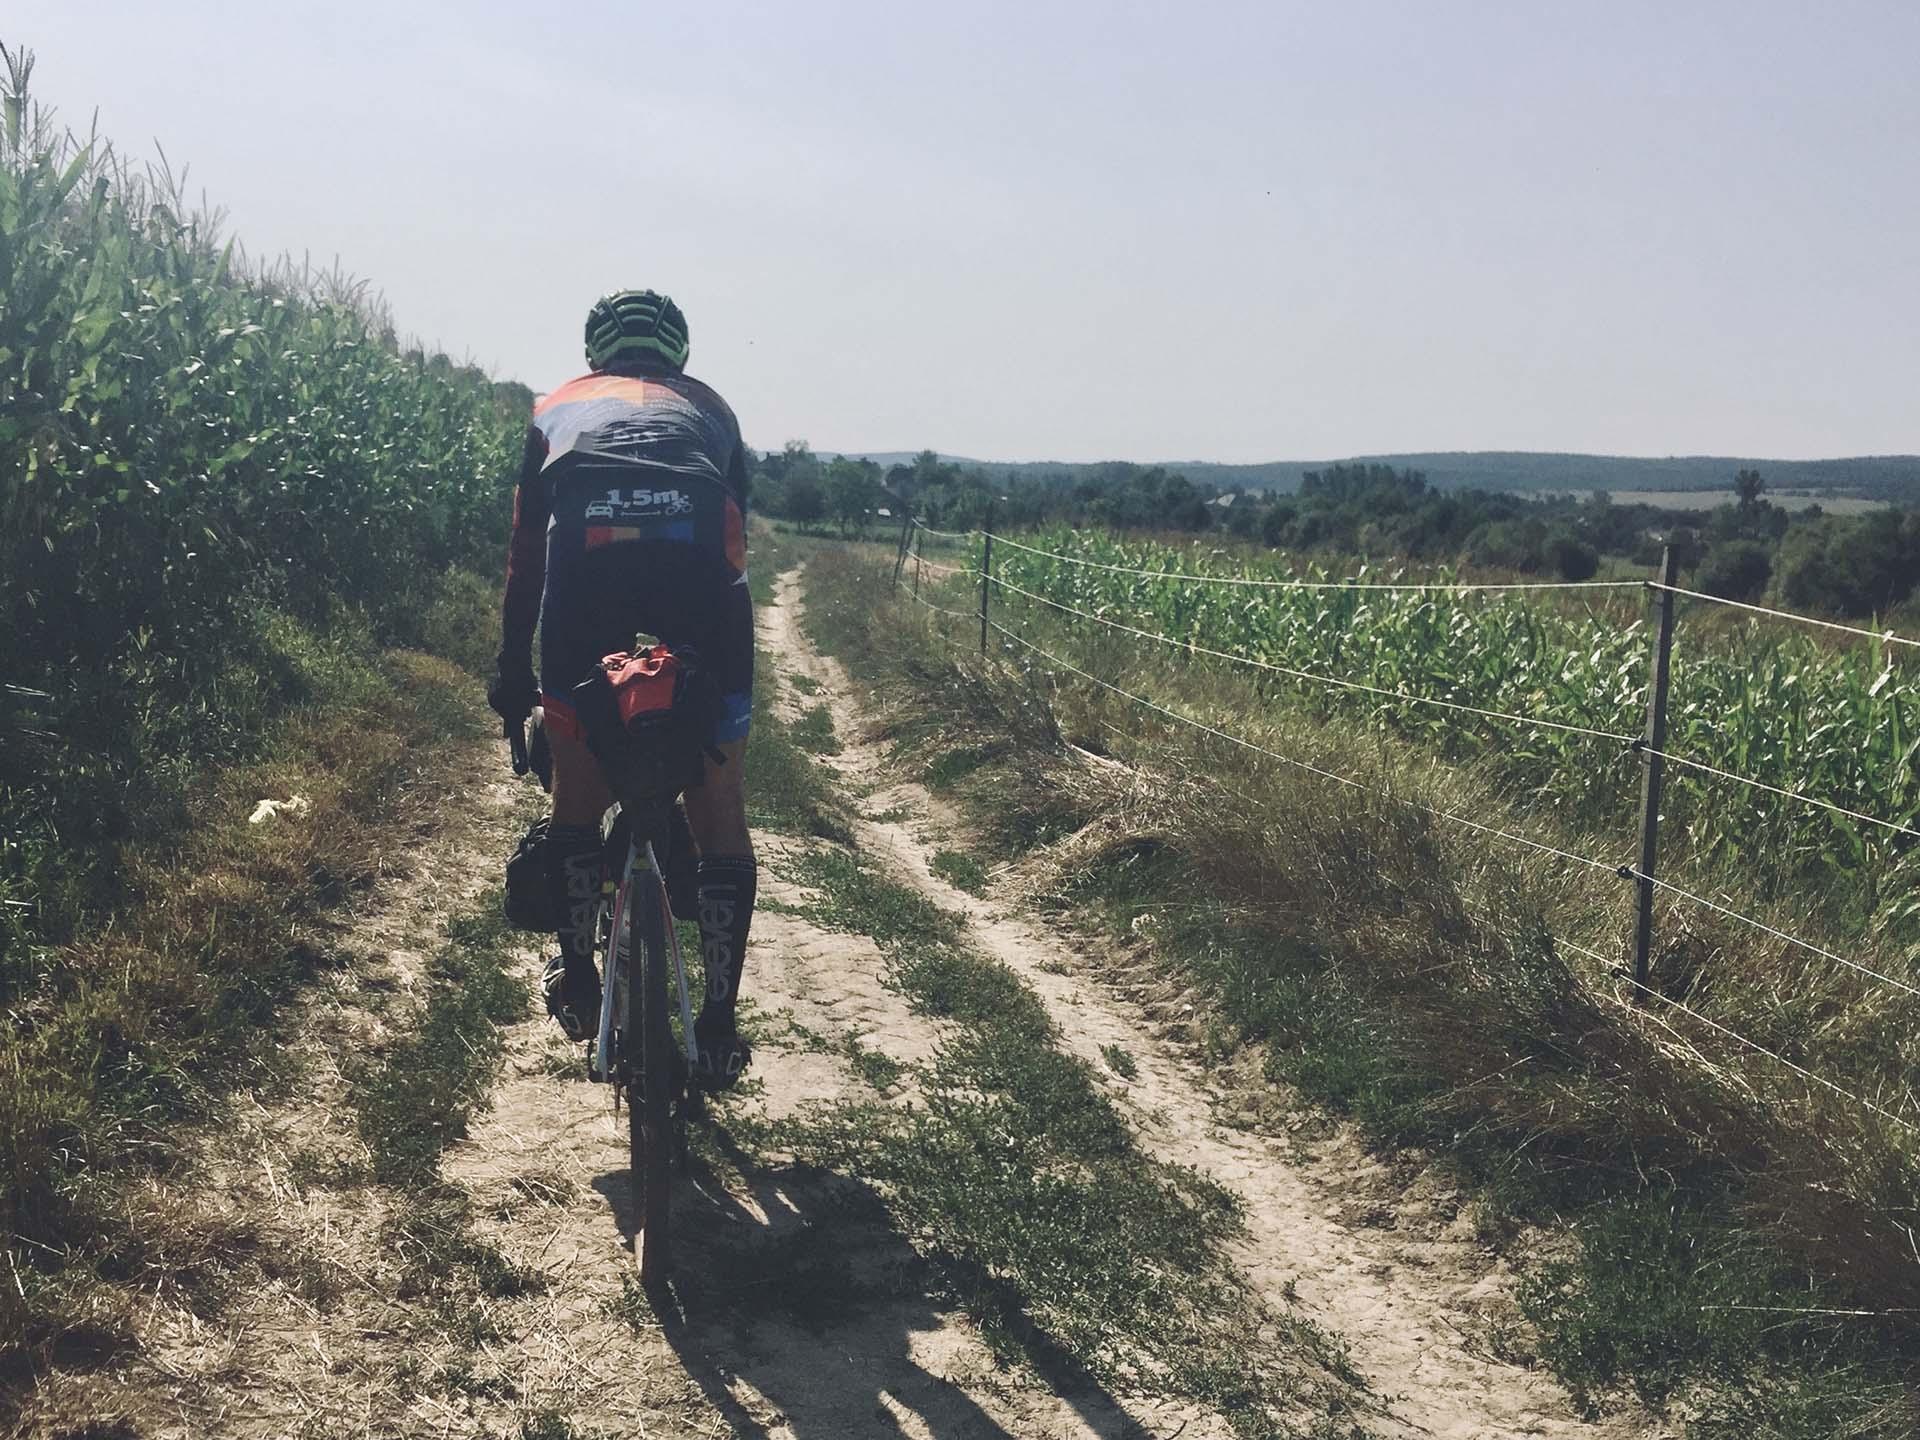 Európa egyik legkeményebb offroad kerékpártúrája van kialakulóban hazánkban - A Hungarian Divide-5